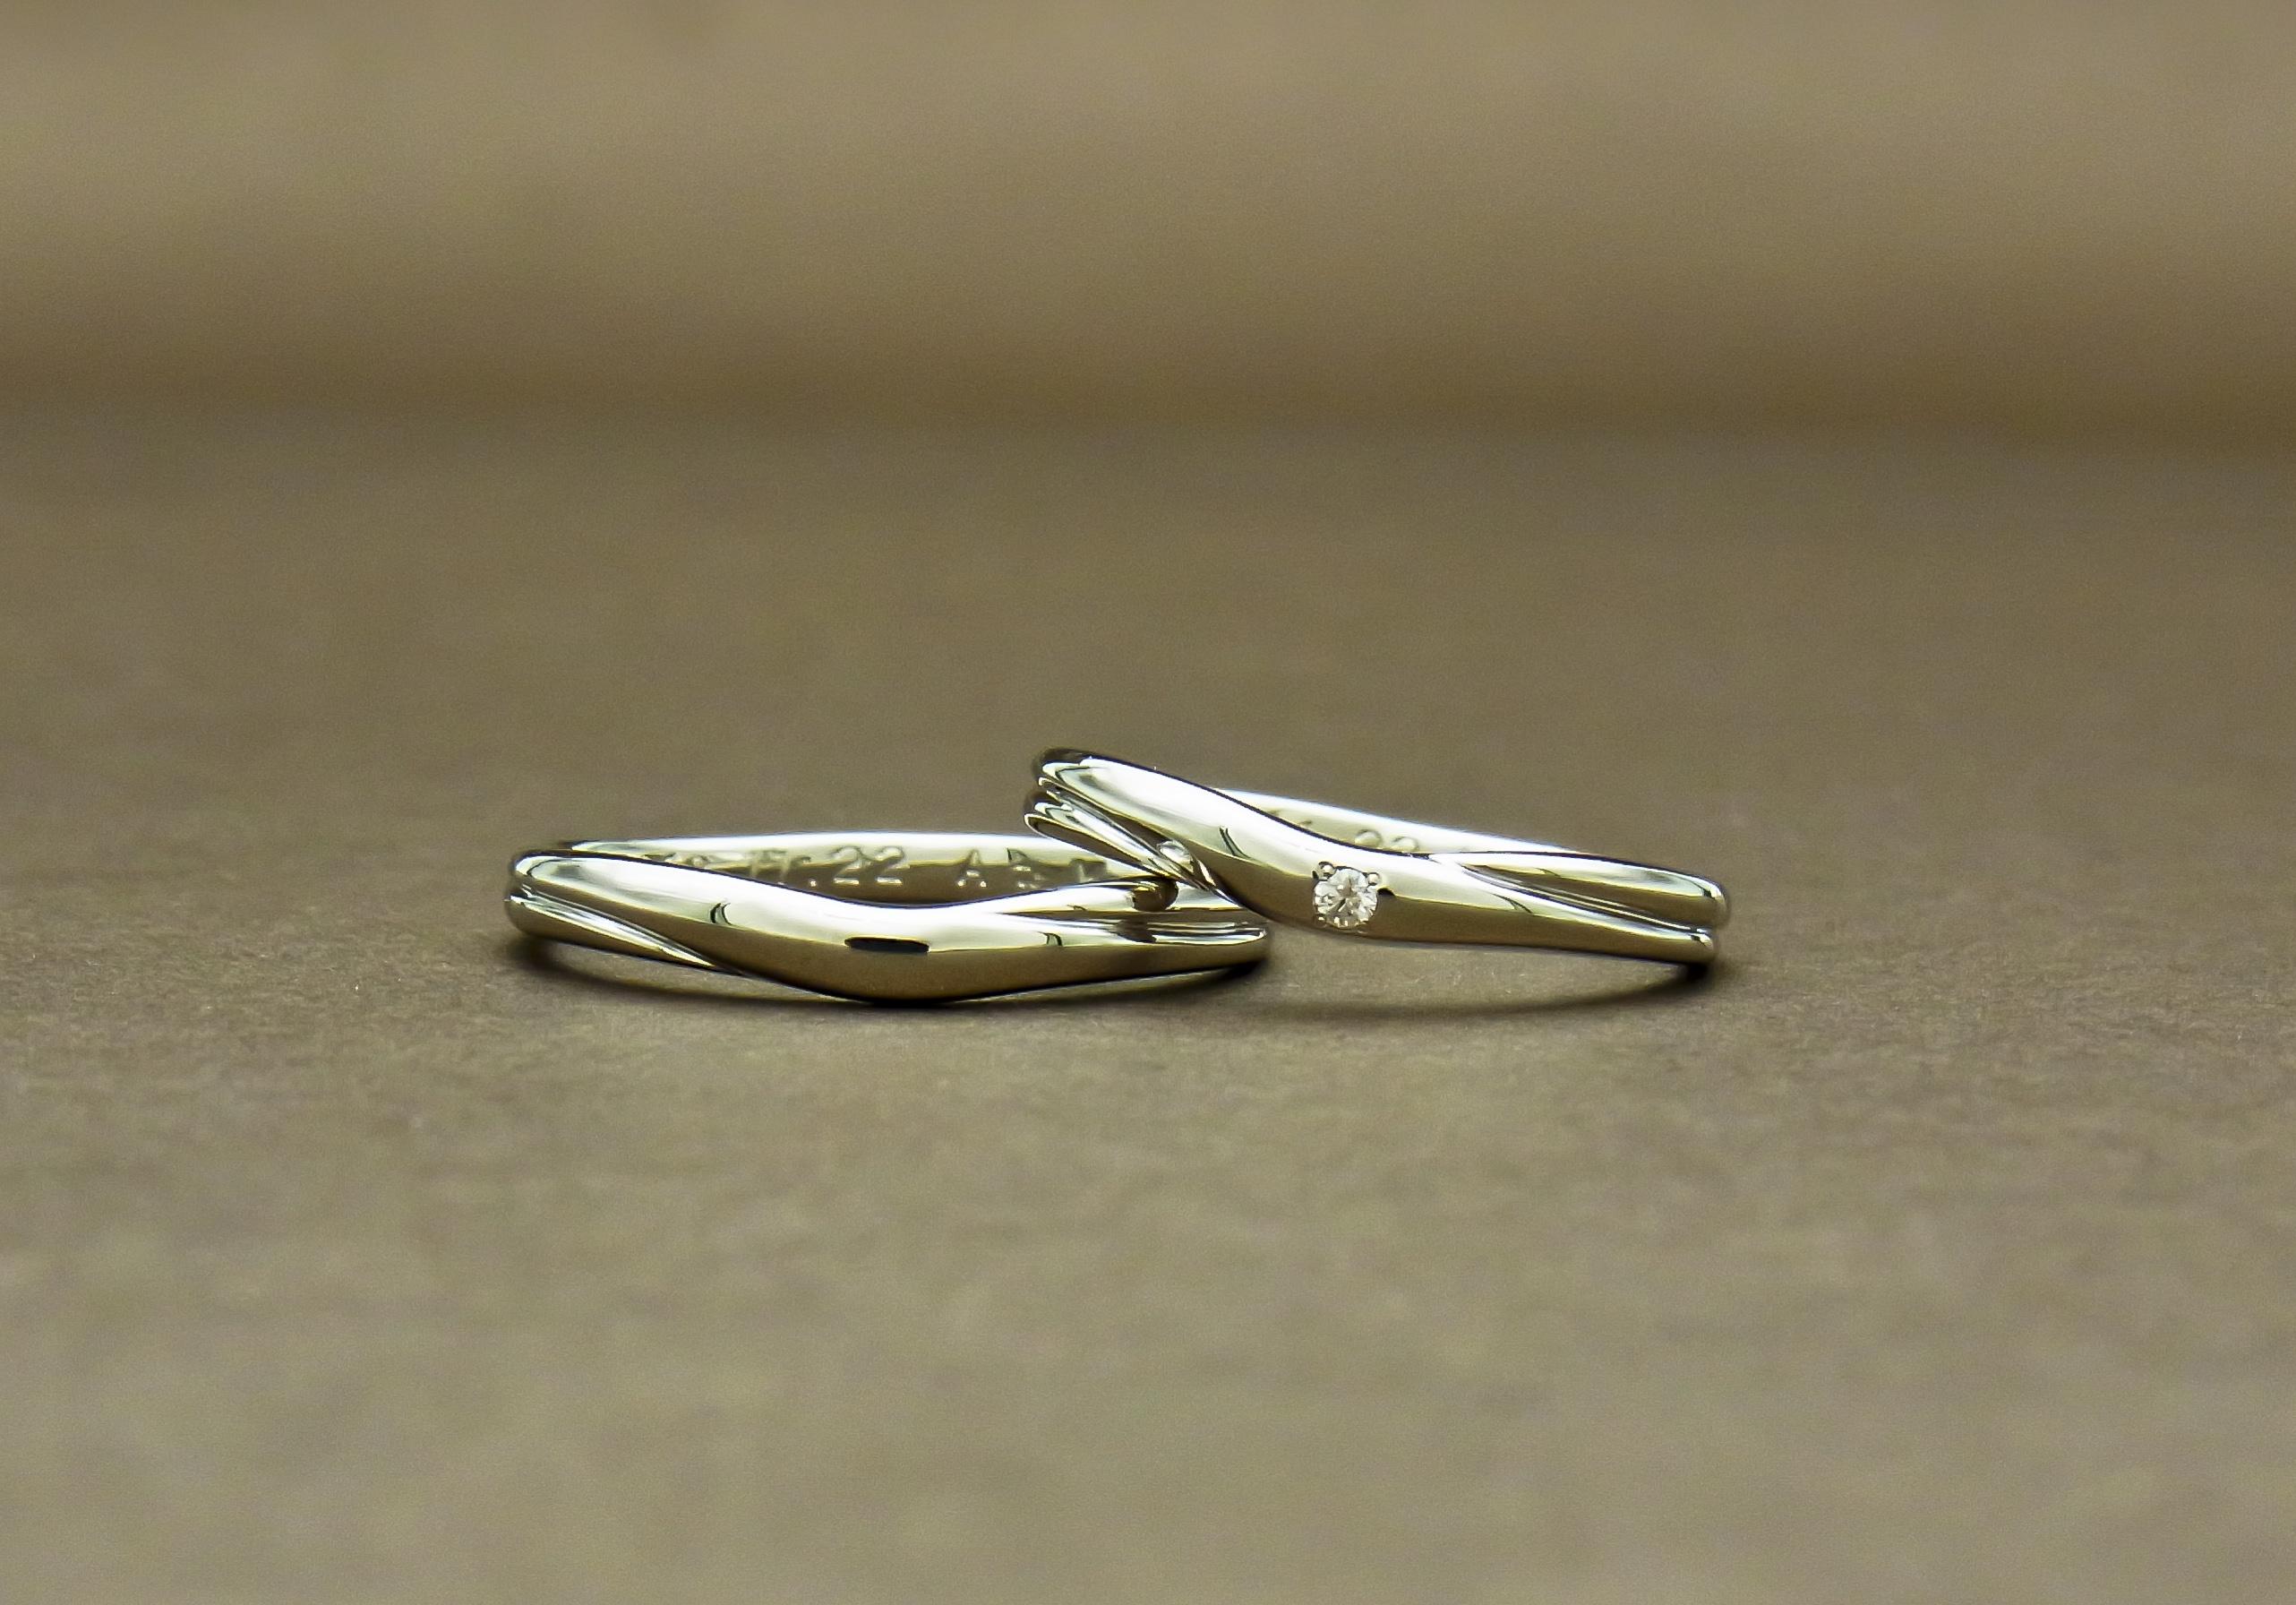 ダイヤモンド入り結婚指輪